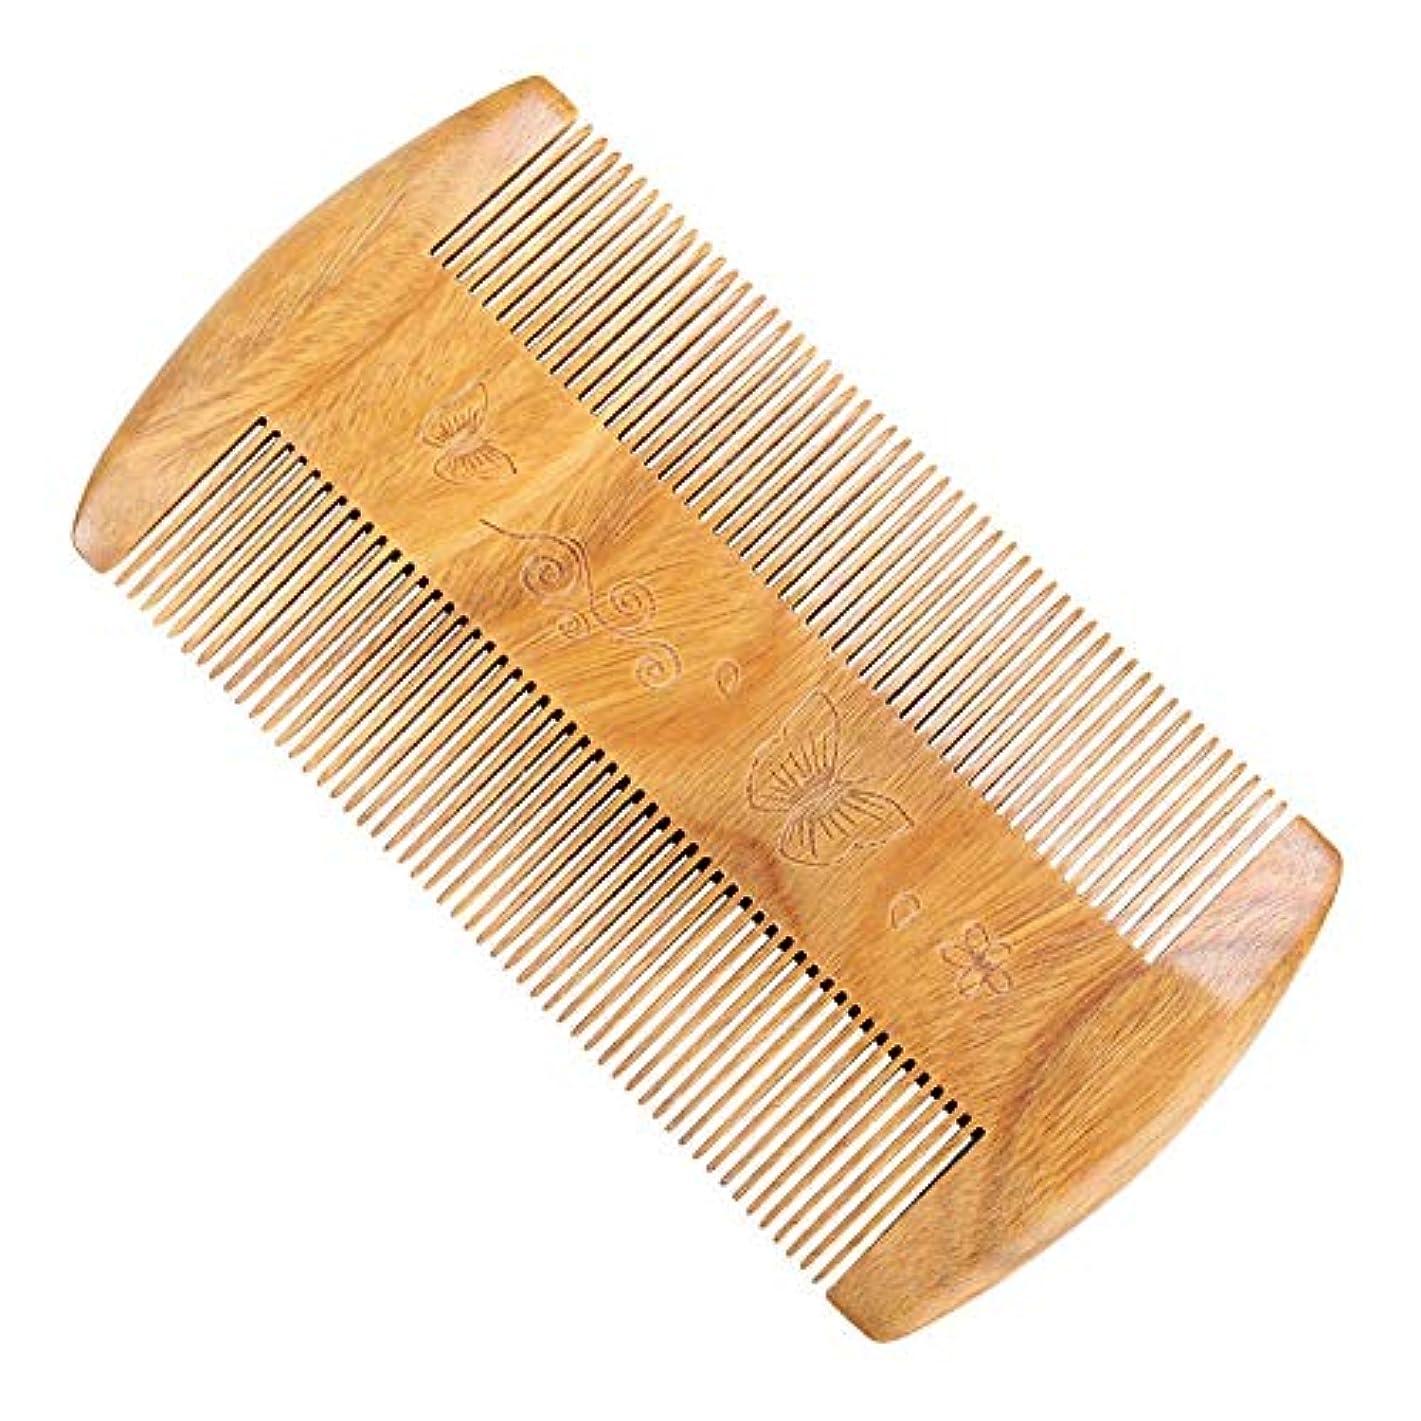 大騒ぎ第特定の木の髭のブラシのふけの白檀の毛の櫛の倍密度の側面 Peisui (色 : カーキ)